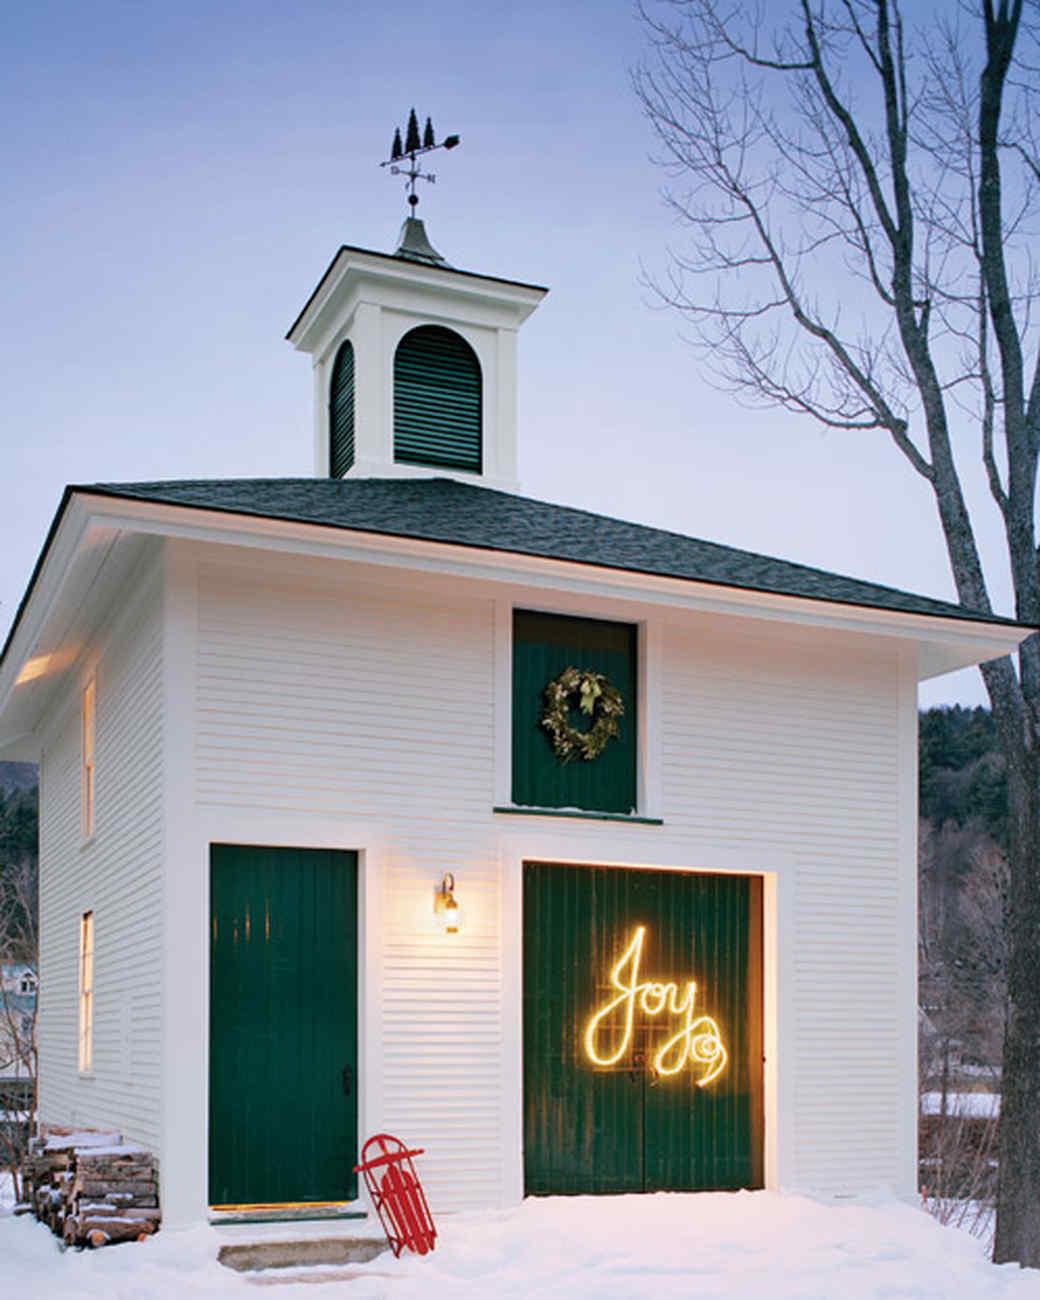 Joy-Themed Christmas Lighting